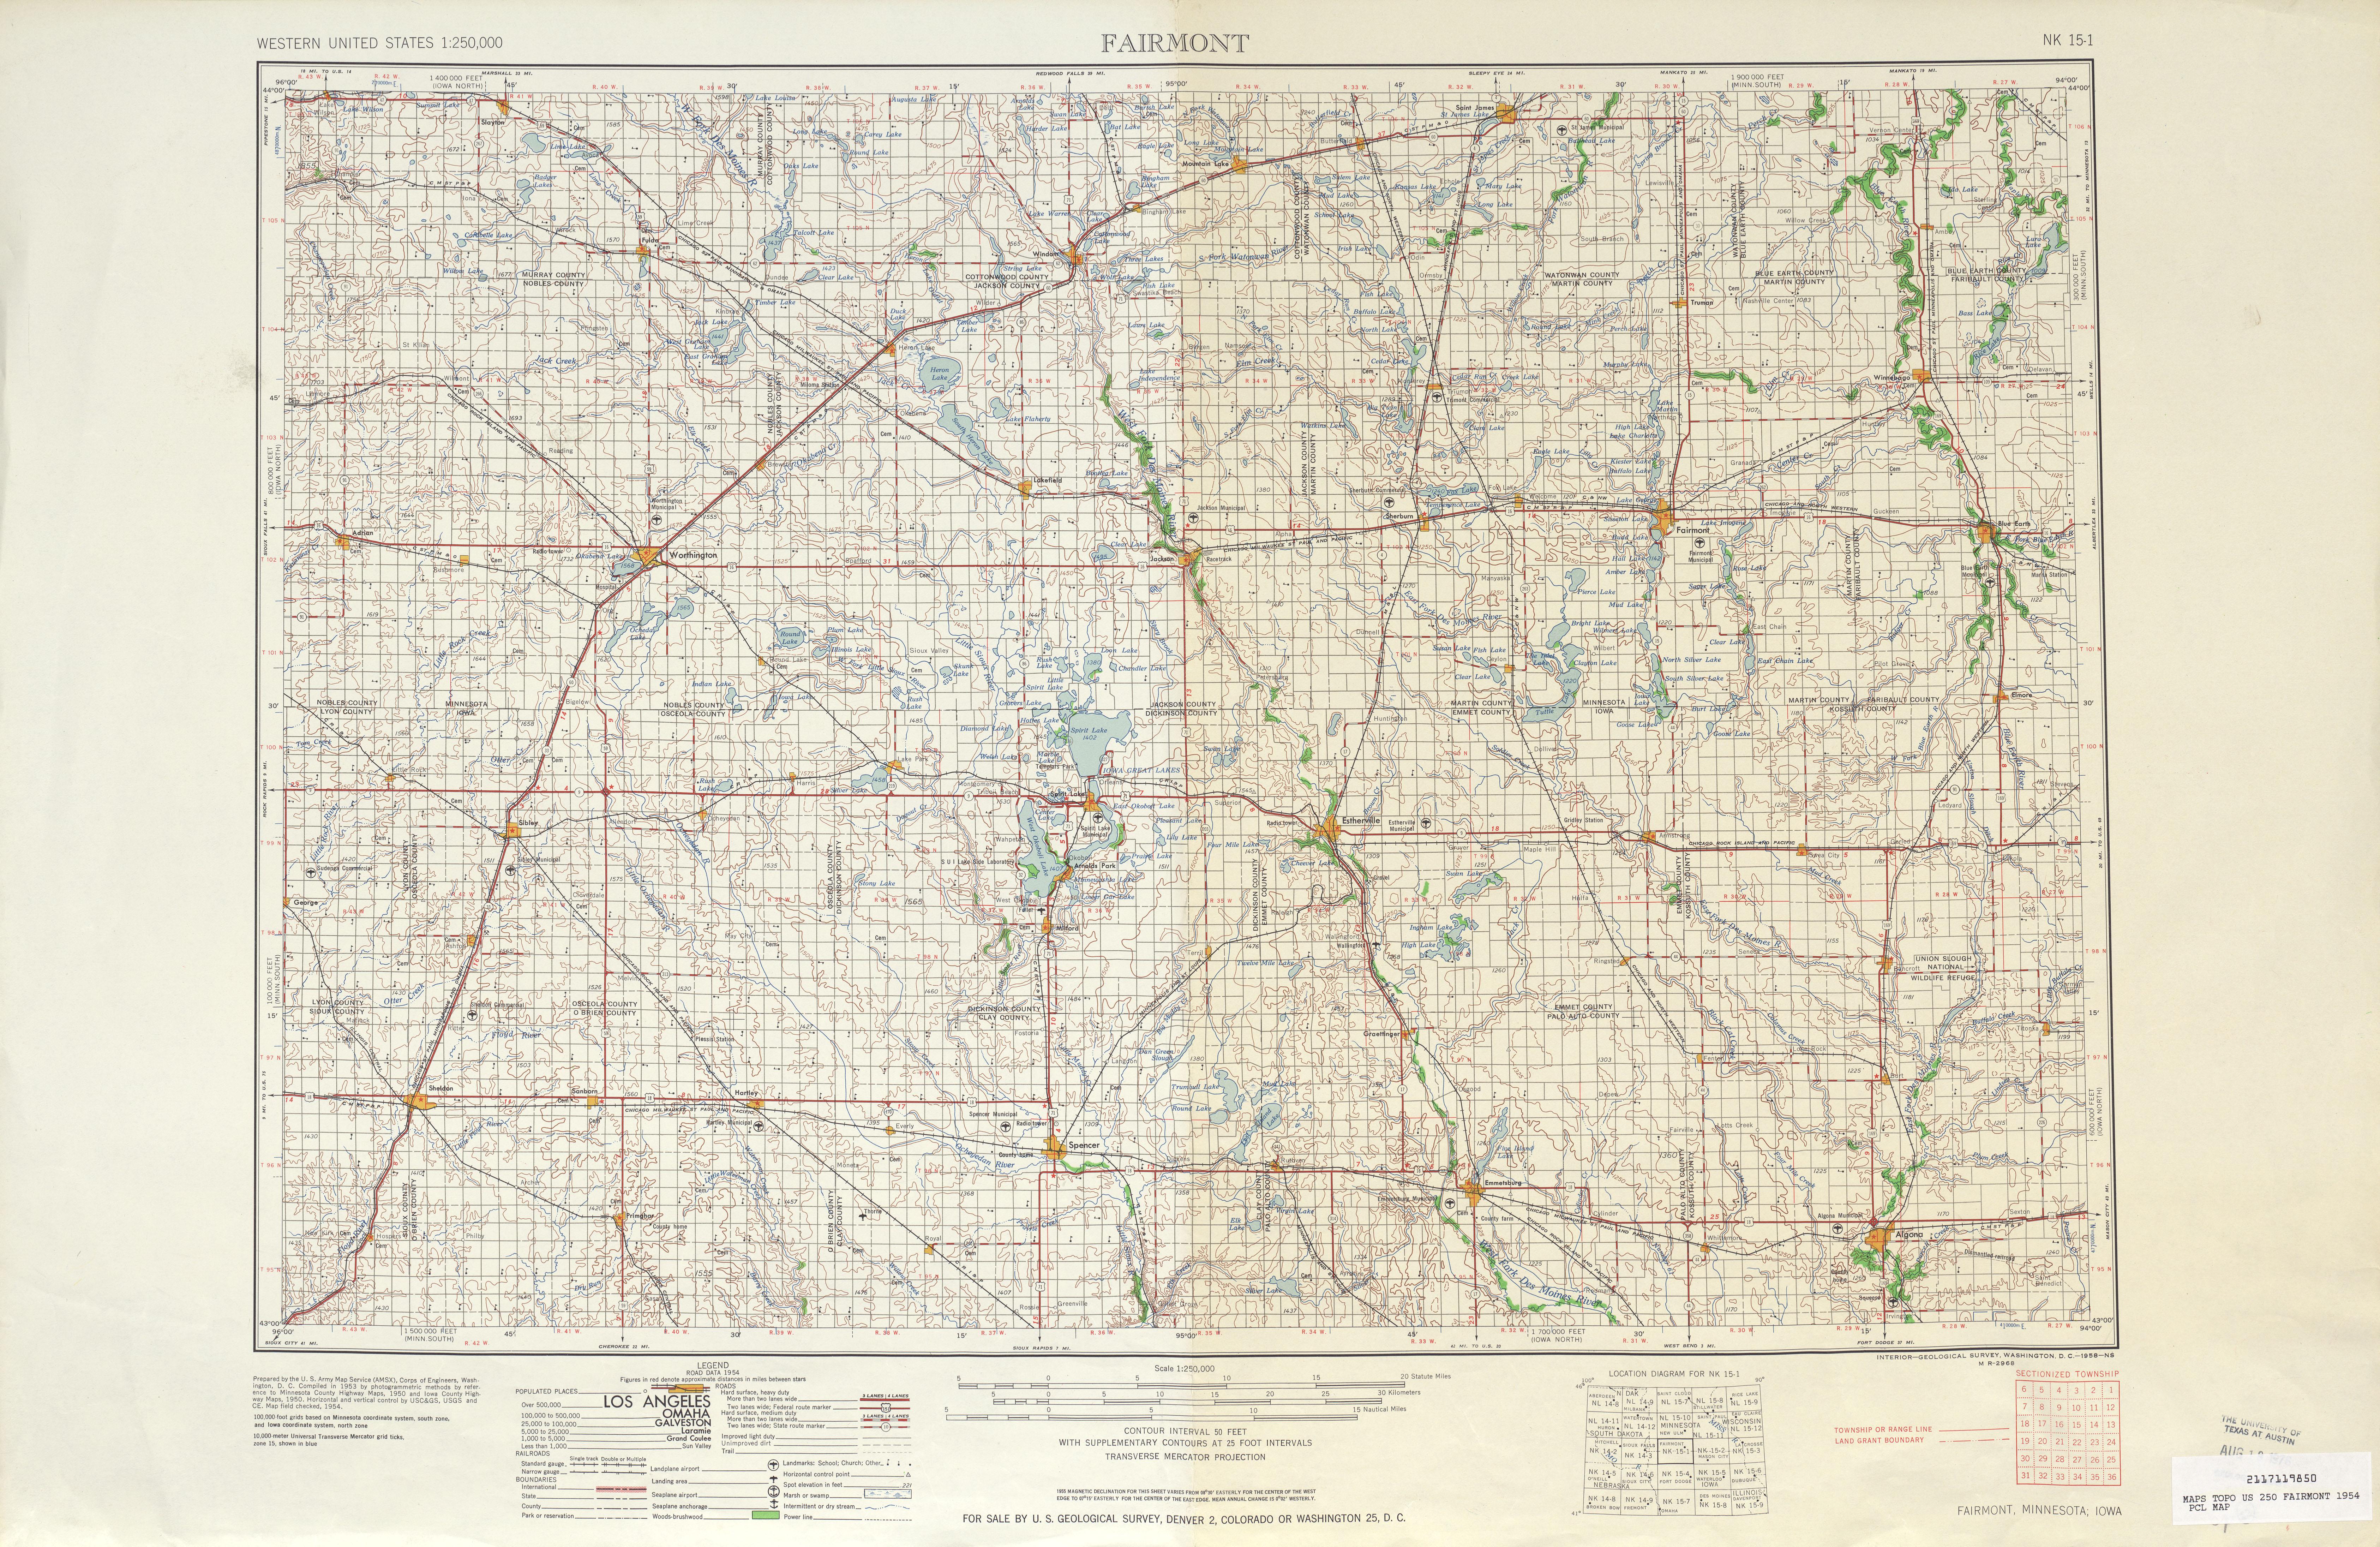 Hoja Fairmont del Mapa Topográfico de los Estados Unidos 1954